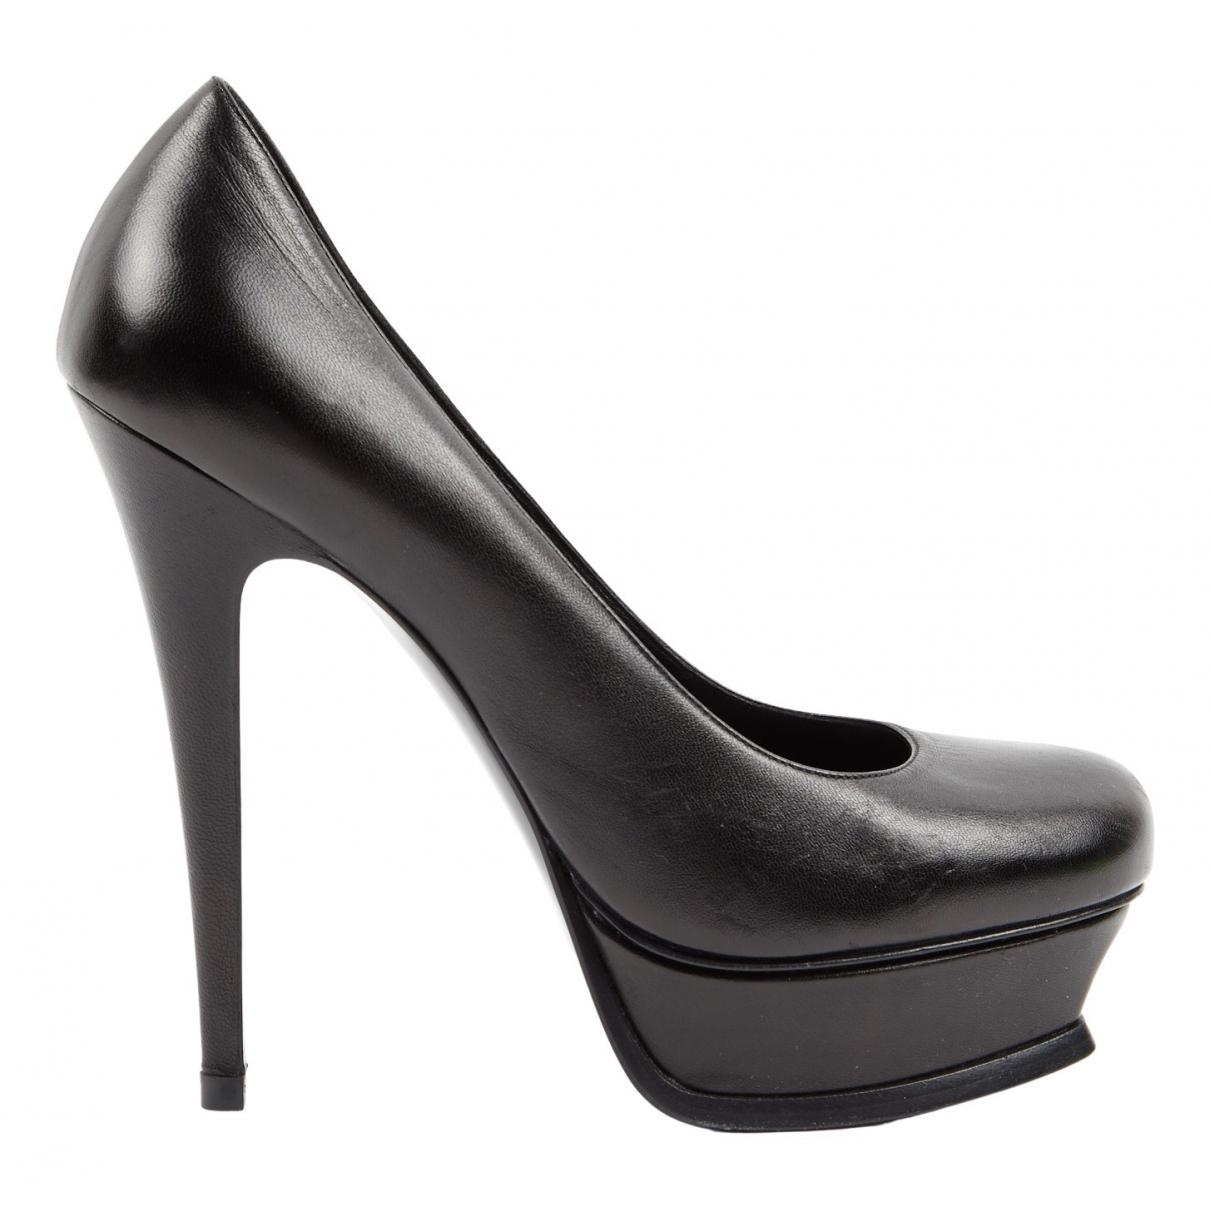 Yves Saint Laurent - Escarpins Trib Too pour femme en cuir - noir